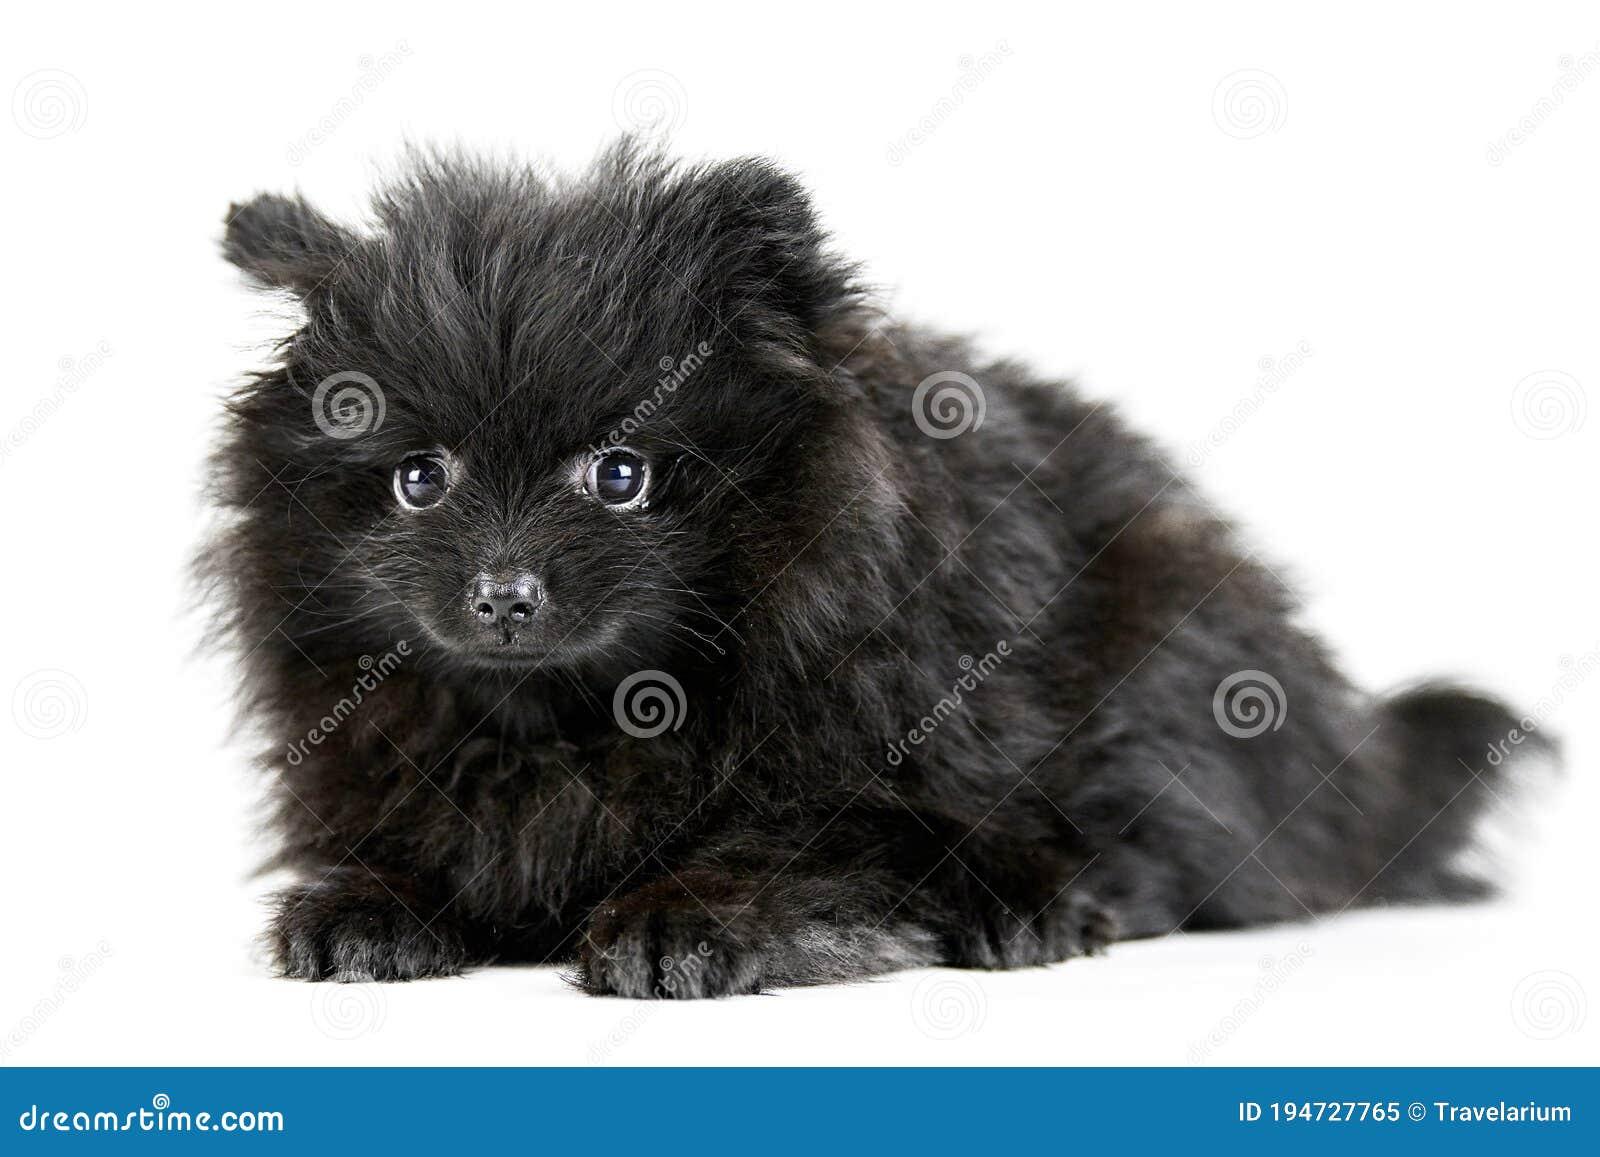 Pomeranian Puppy Spitz Isolated Stock Image Image Of Howl Black 194727765